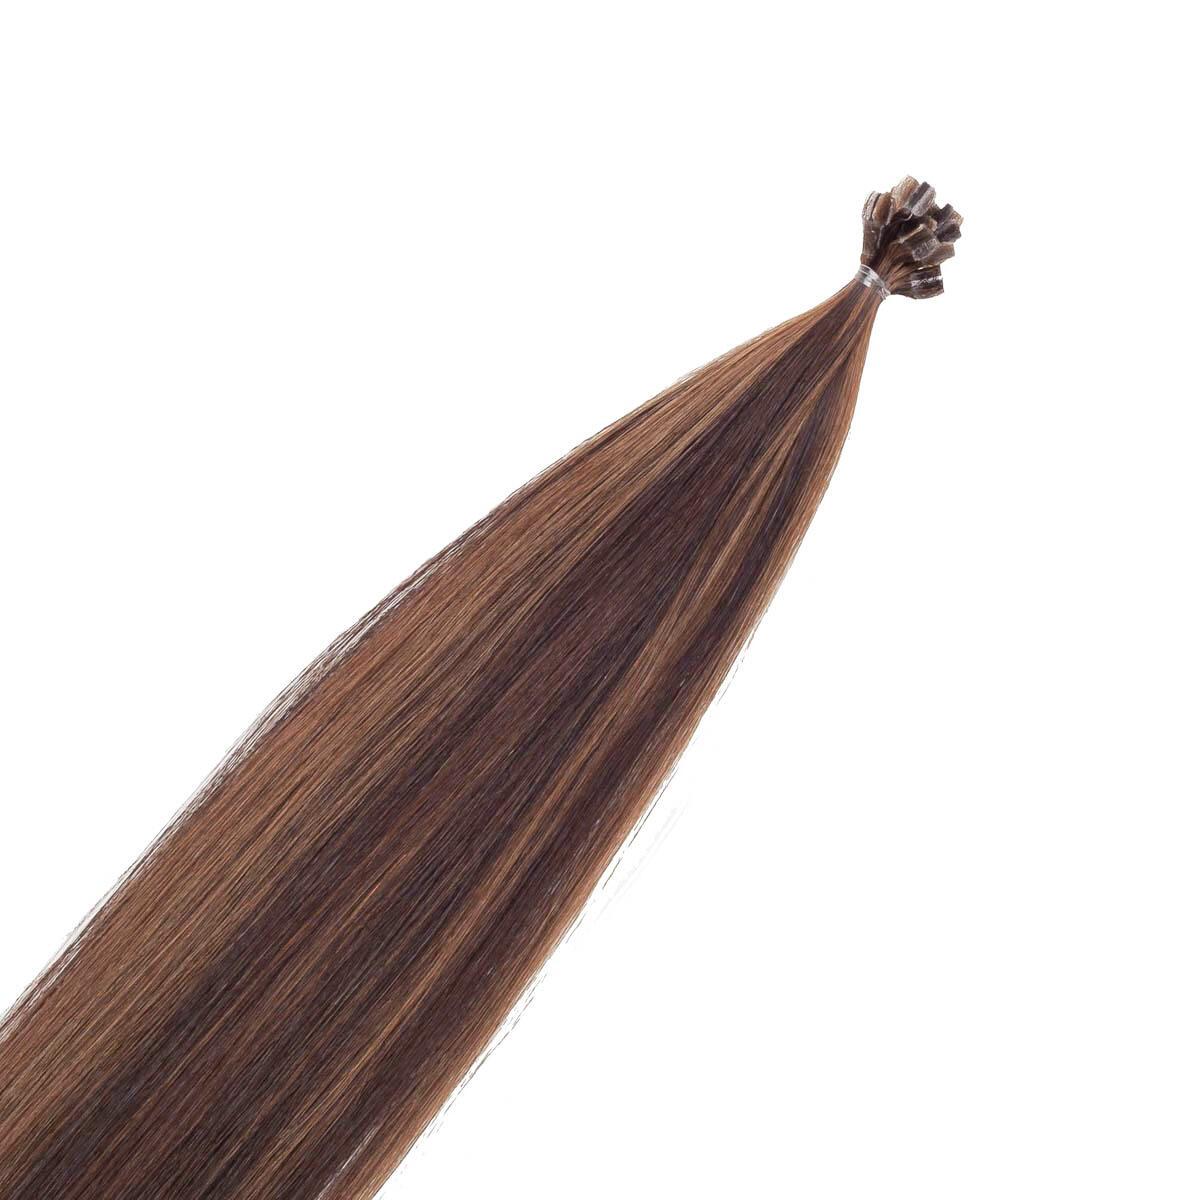 Nail Hair M2.3/5.0 Chocolate Mix 40 cm